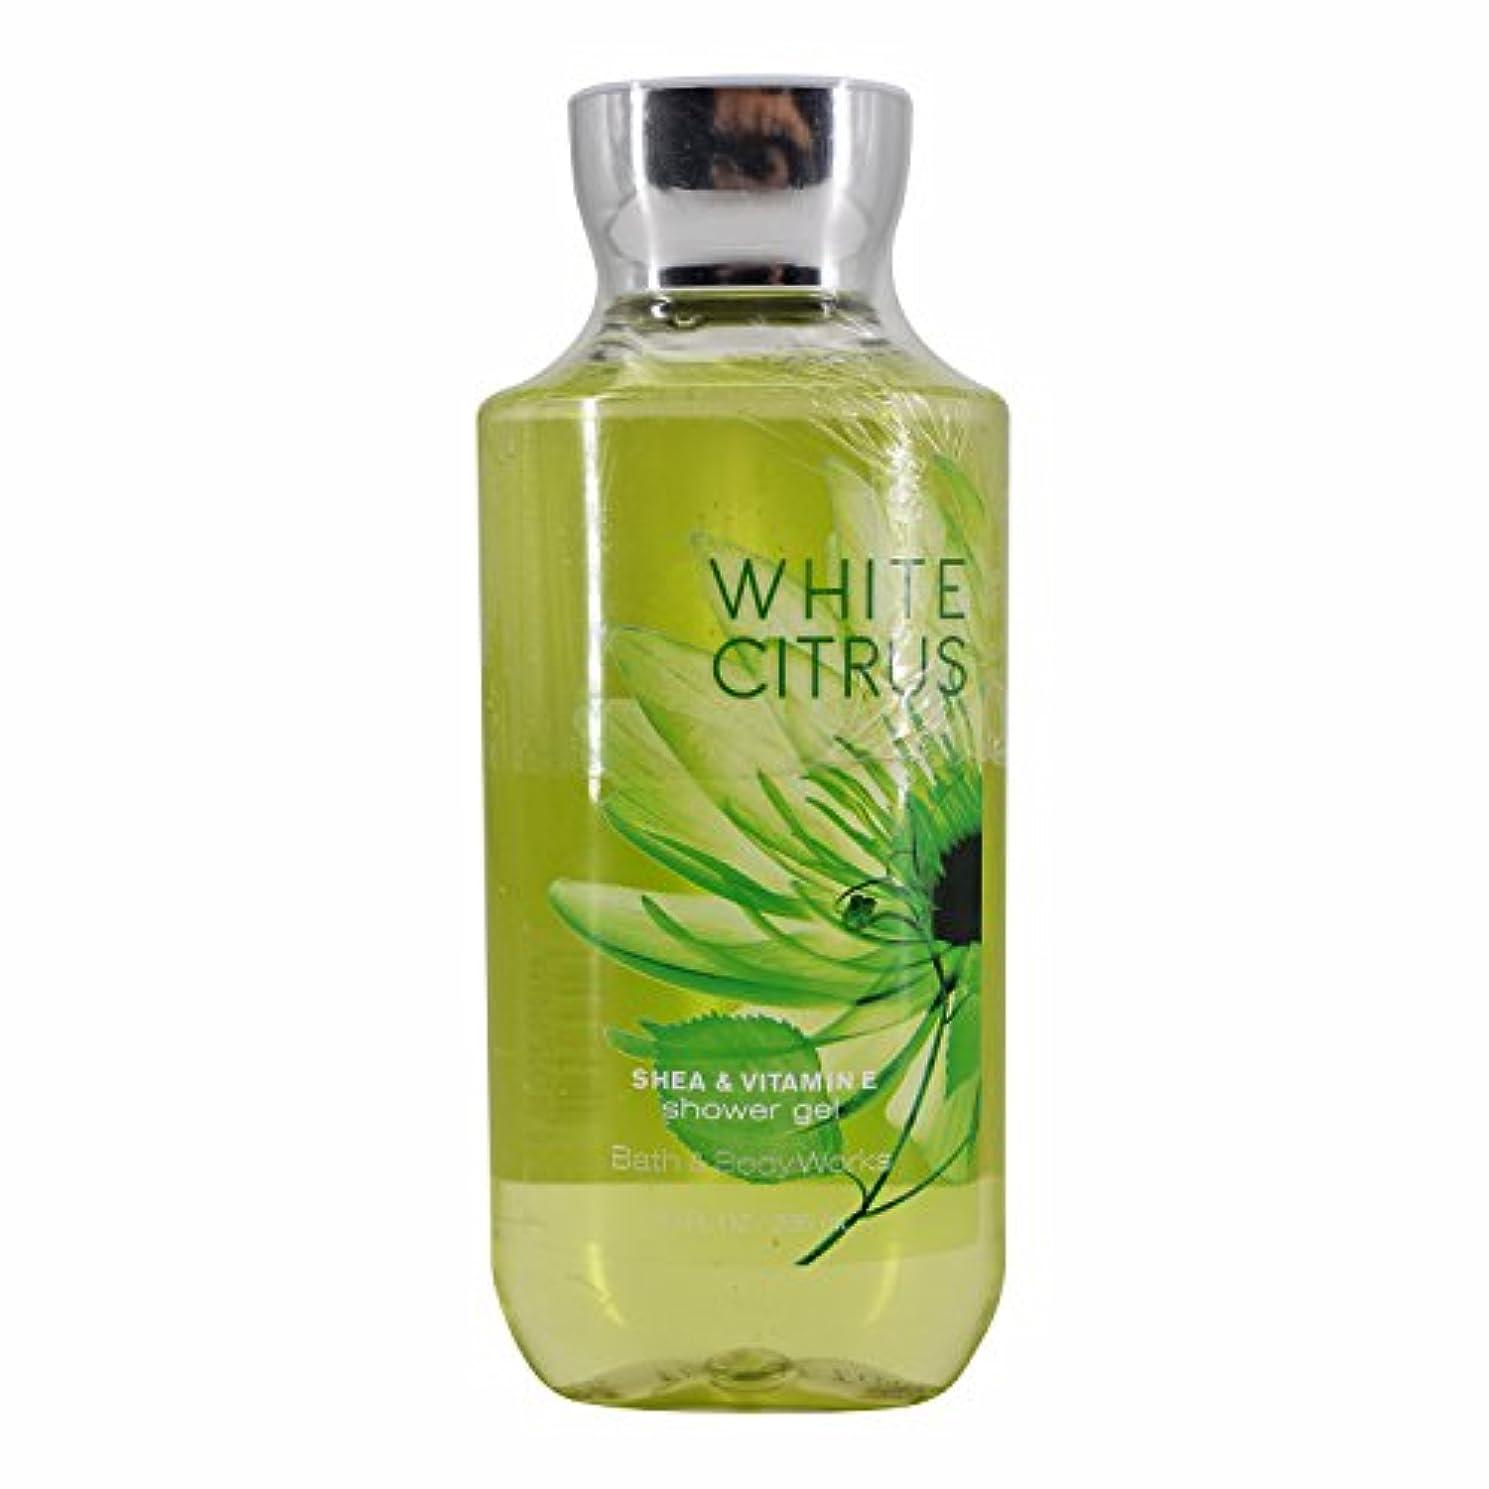 眼減衰答えバス&ボディワークス ホワイトシトラス シャワージェル White Citrus Shea & Vitamin-E Shower Gel